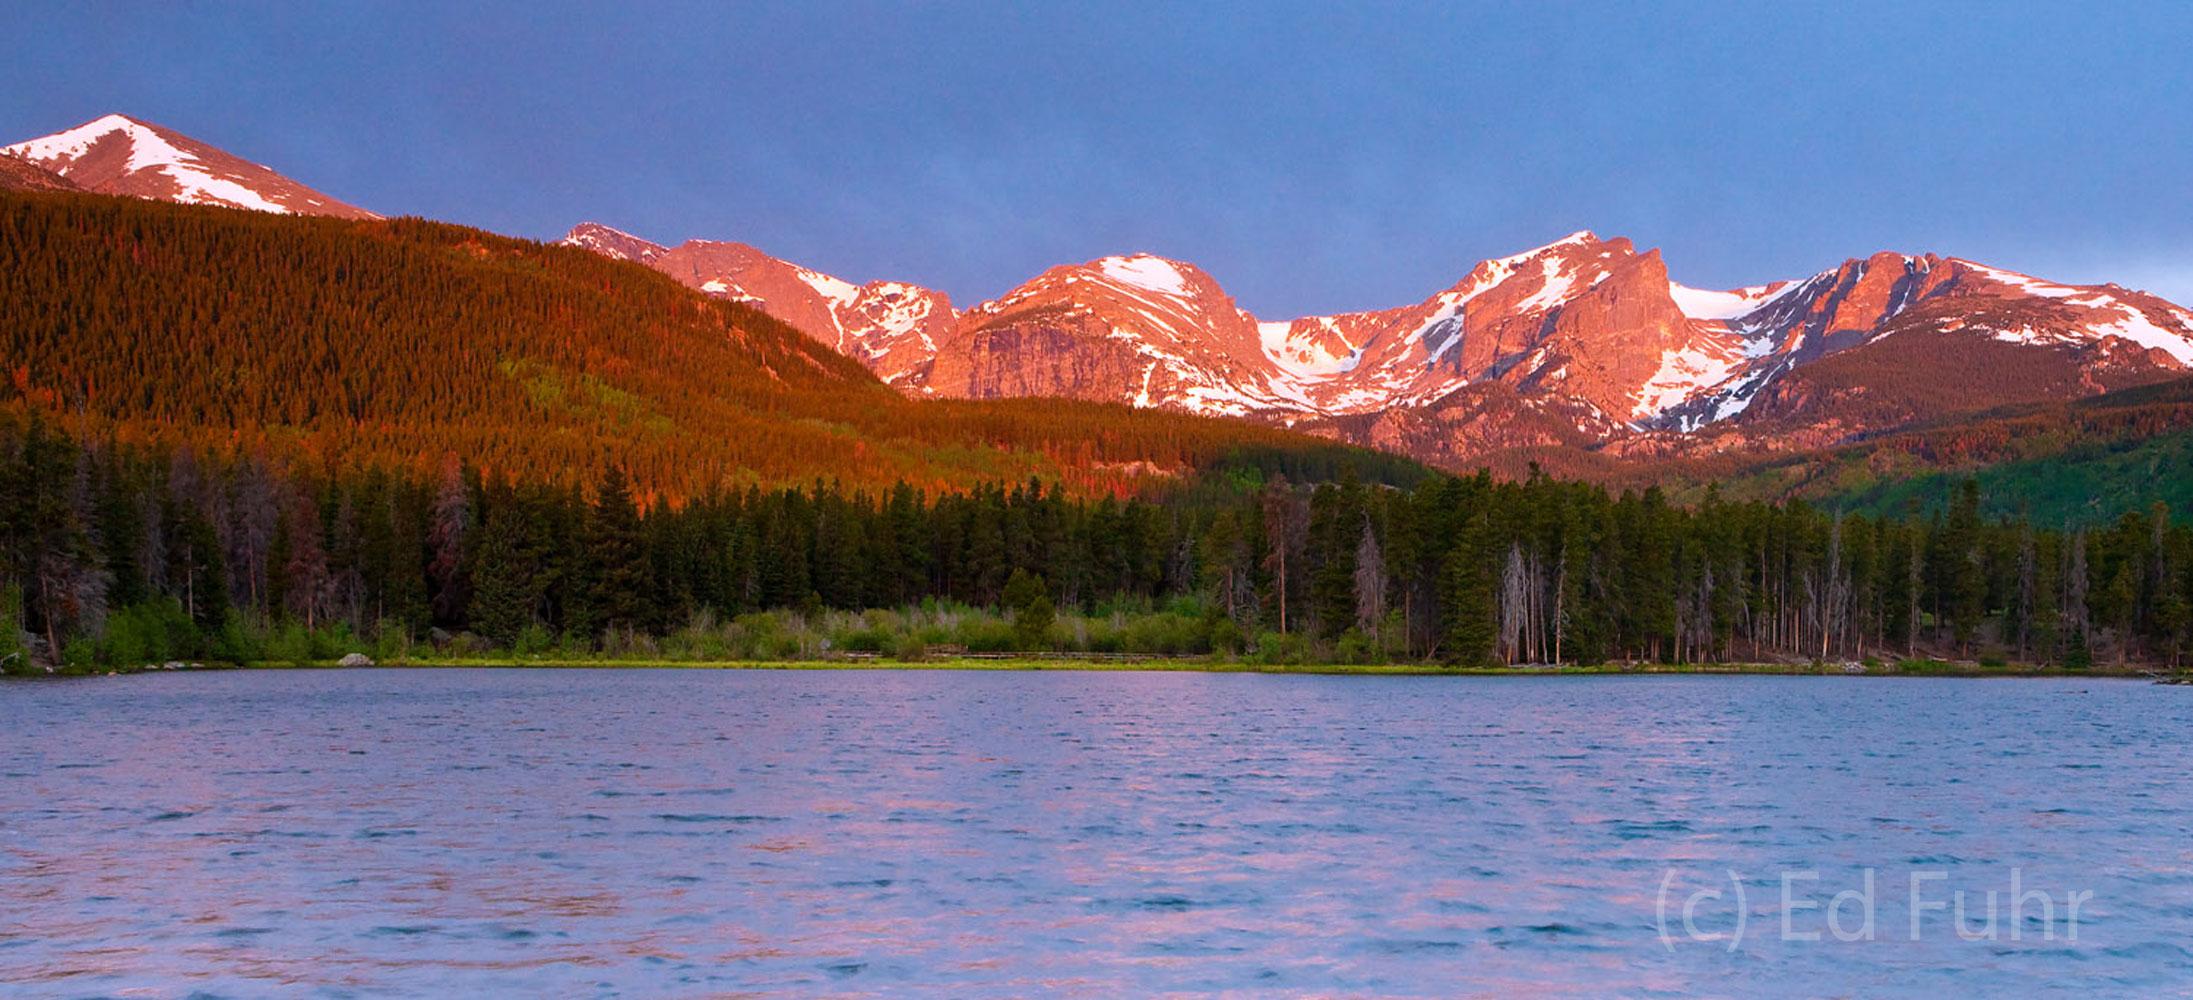 Sprague Lake Sunrise Panorama